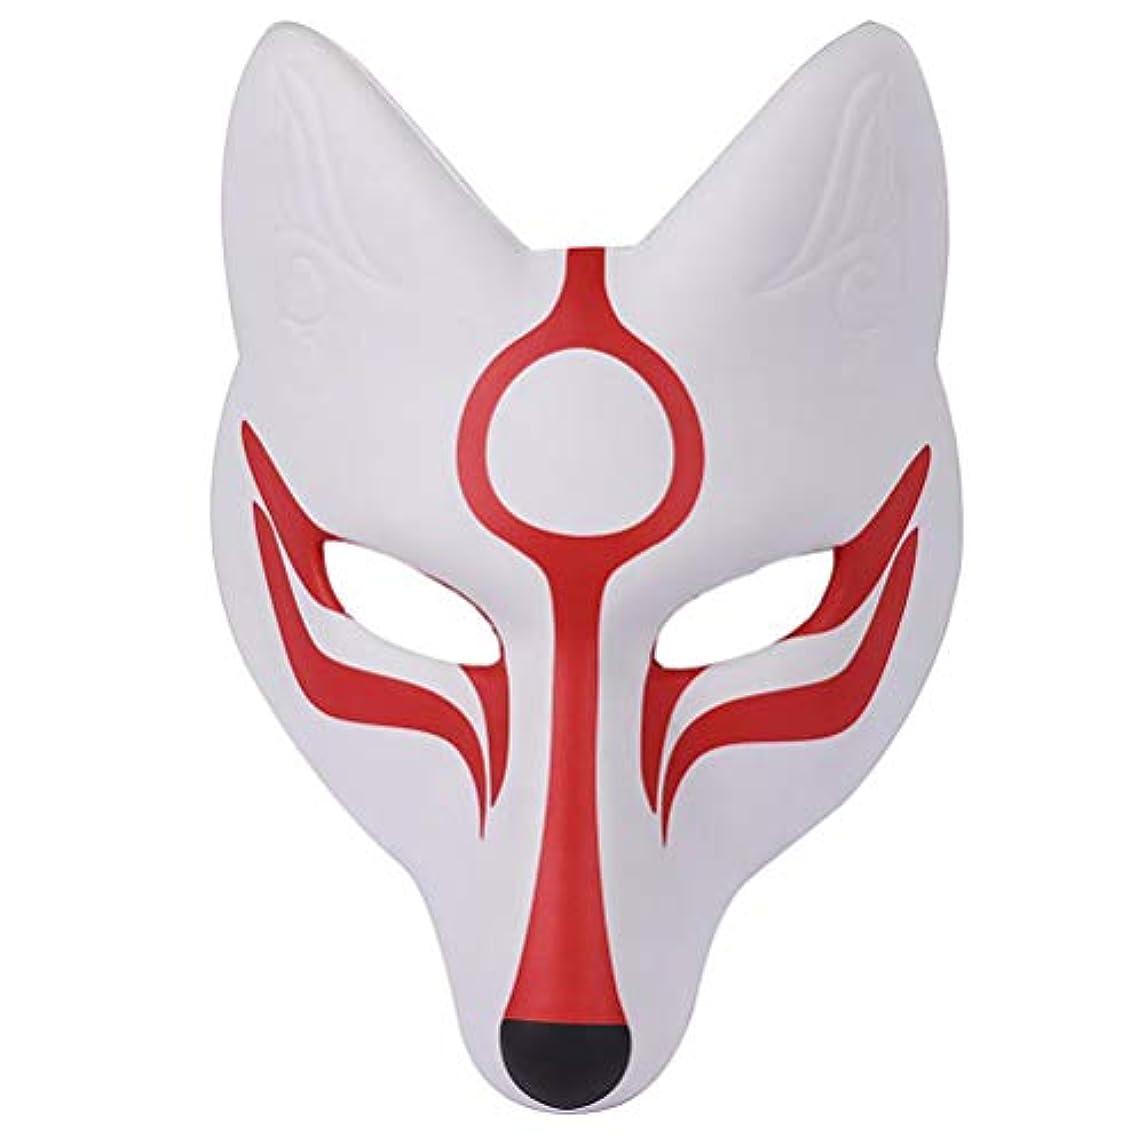 恐怖症損なう追記AMOSFUN フォックスマスク日本歌舞伎きつねマスク用男性女性子供ハロウィーン仮装衣装プロップ